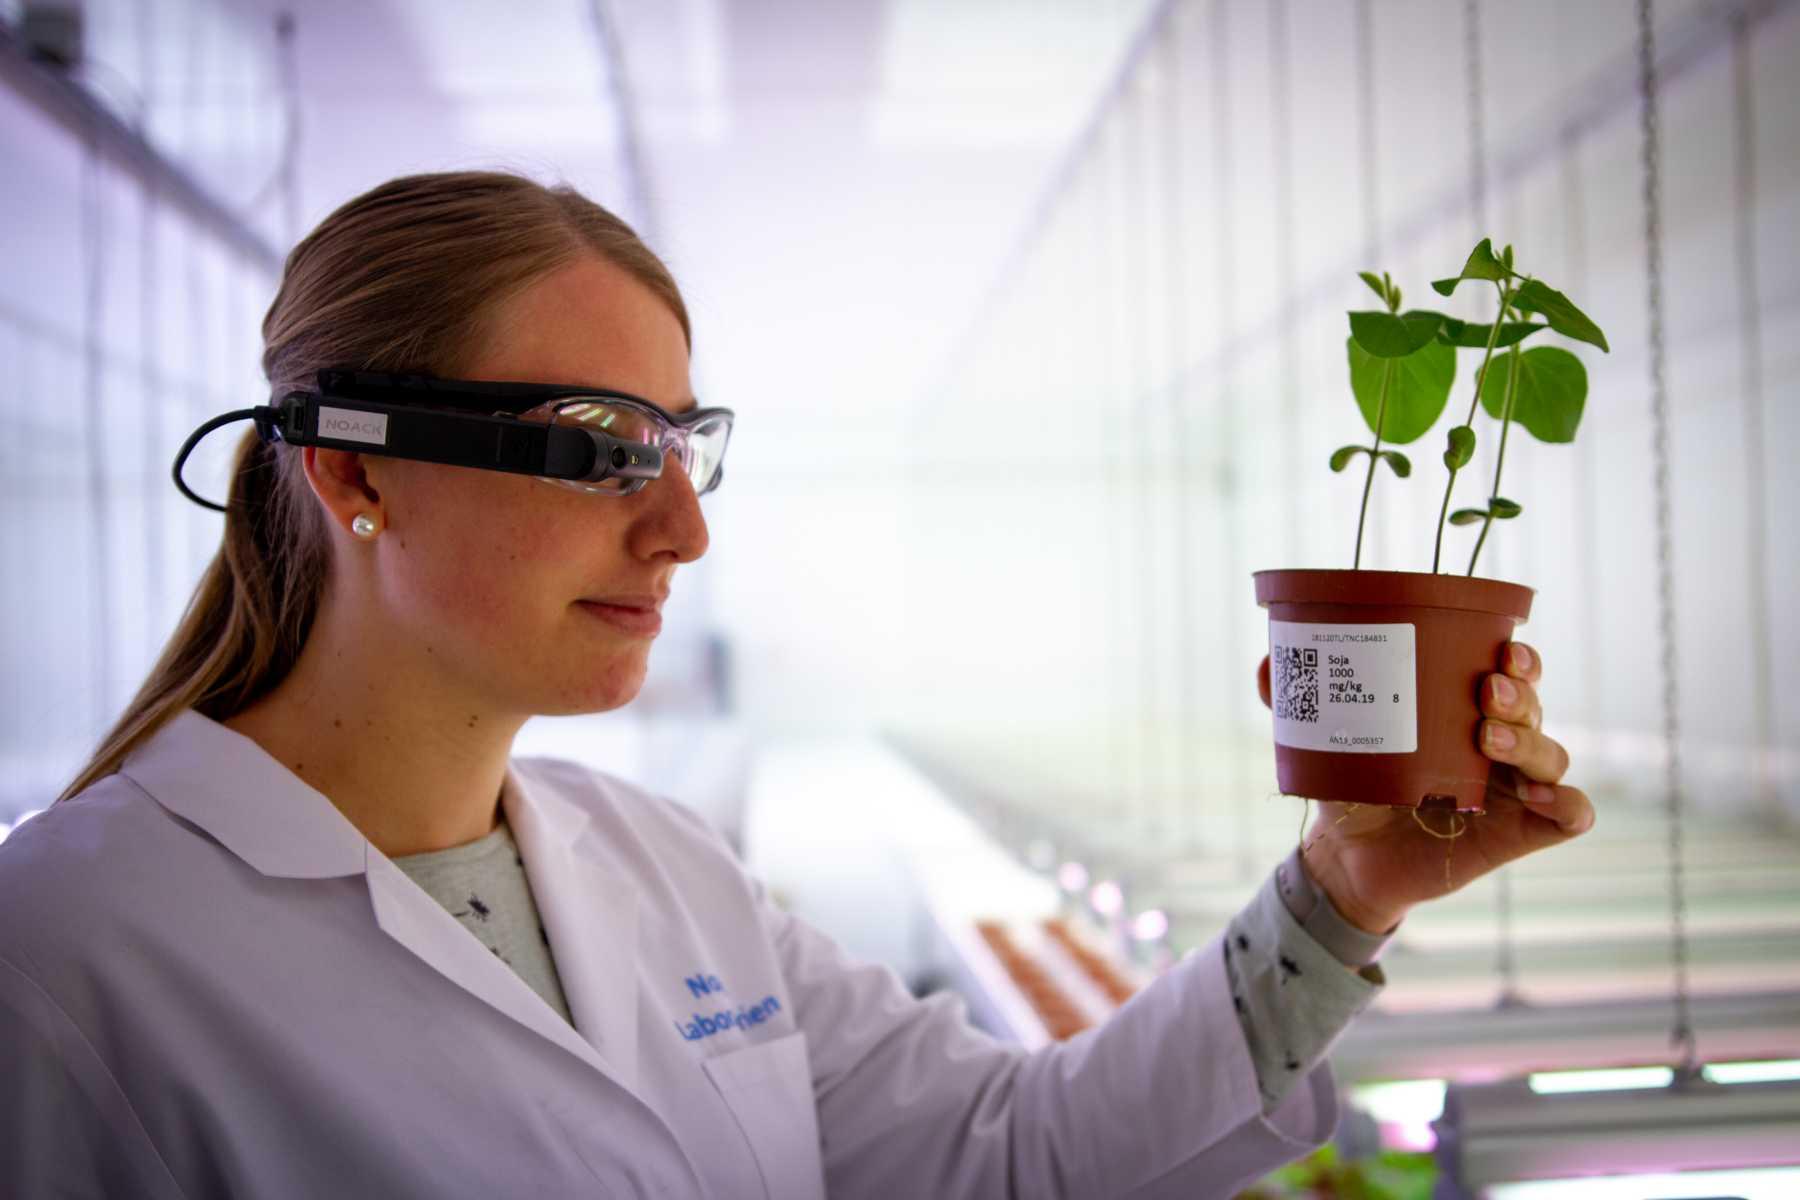 Mitarbeiterin im Labor nutzt Smart Glasses, um eine Pflanze zu untersuchen